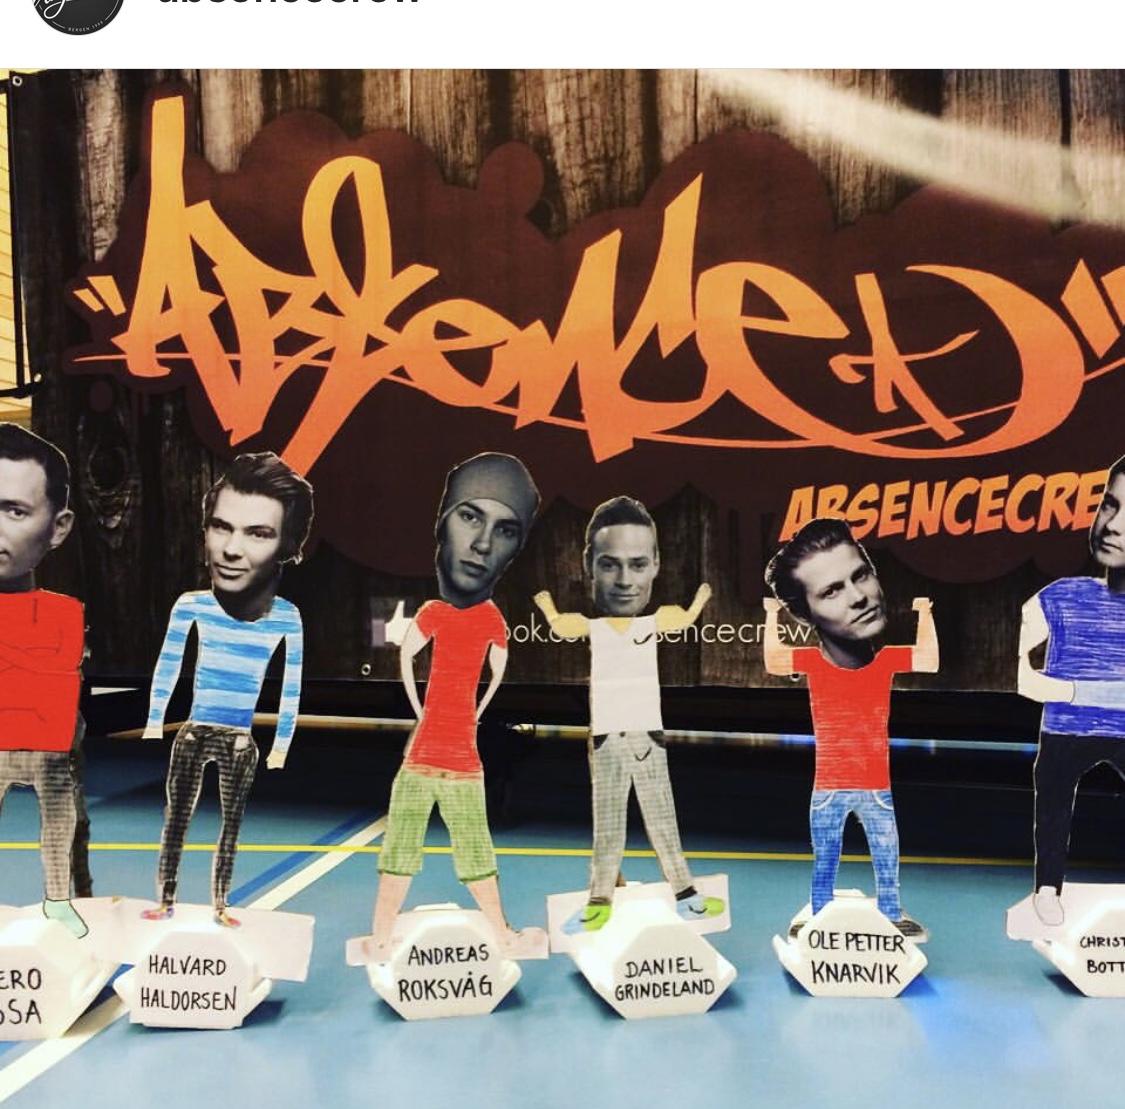 Pappfigurer av medlemmene i Absence Crew.